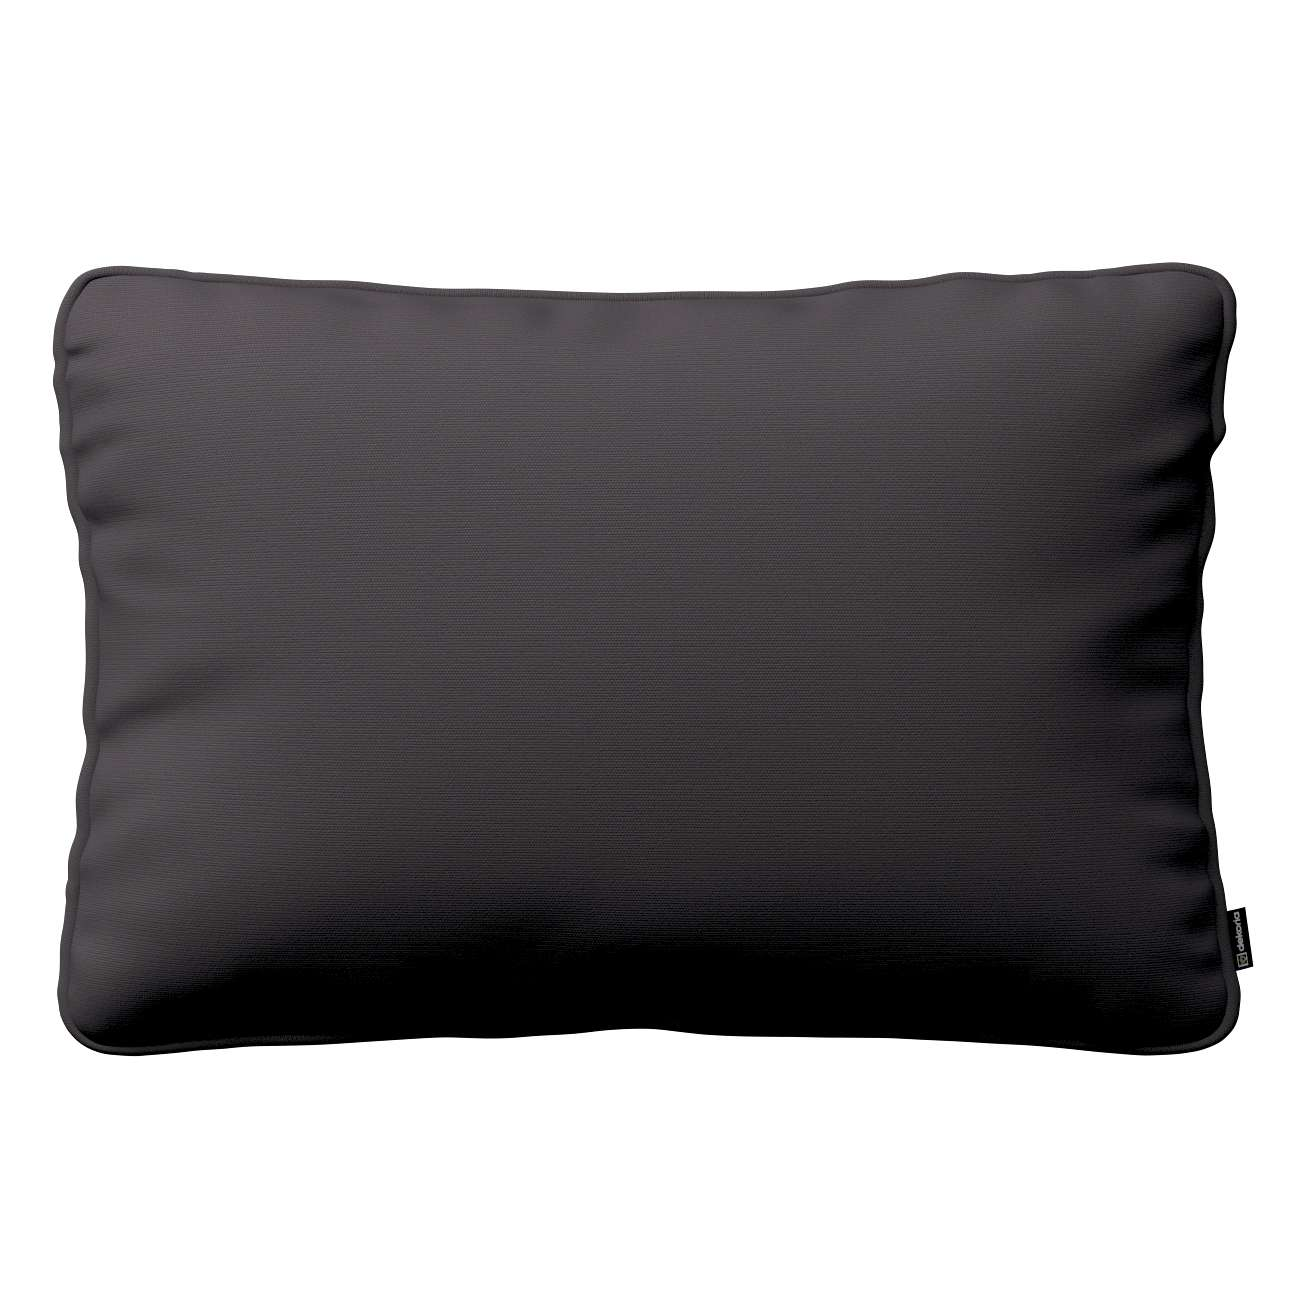 Poszewka Gabi na poduszkę prostokątna 60 x 40 cm w kolekcji Cotton Panama, tkanina: 702-09